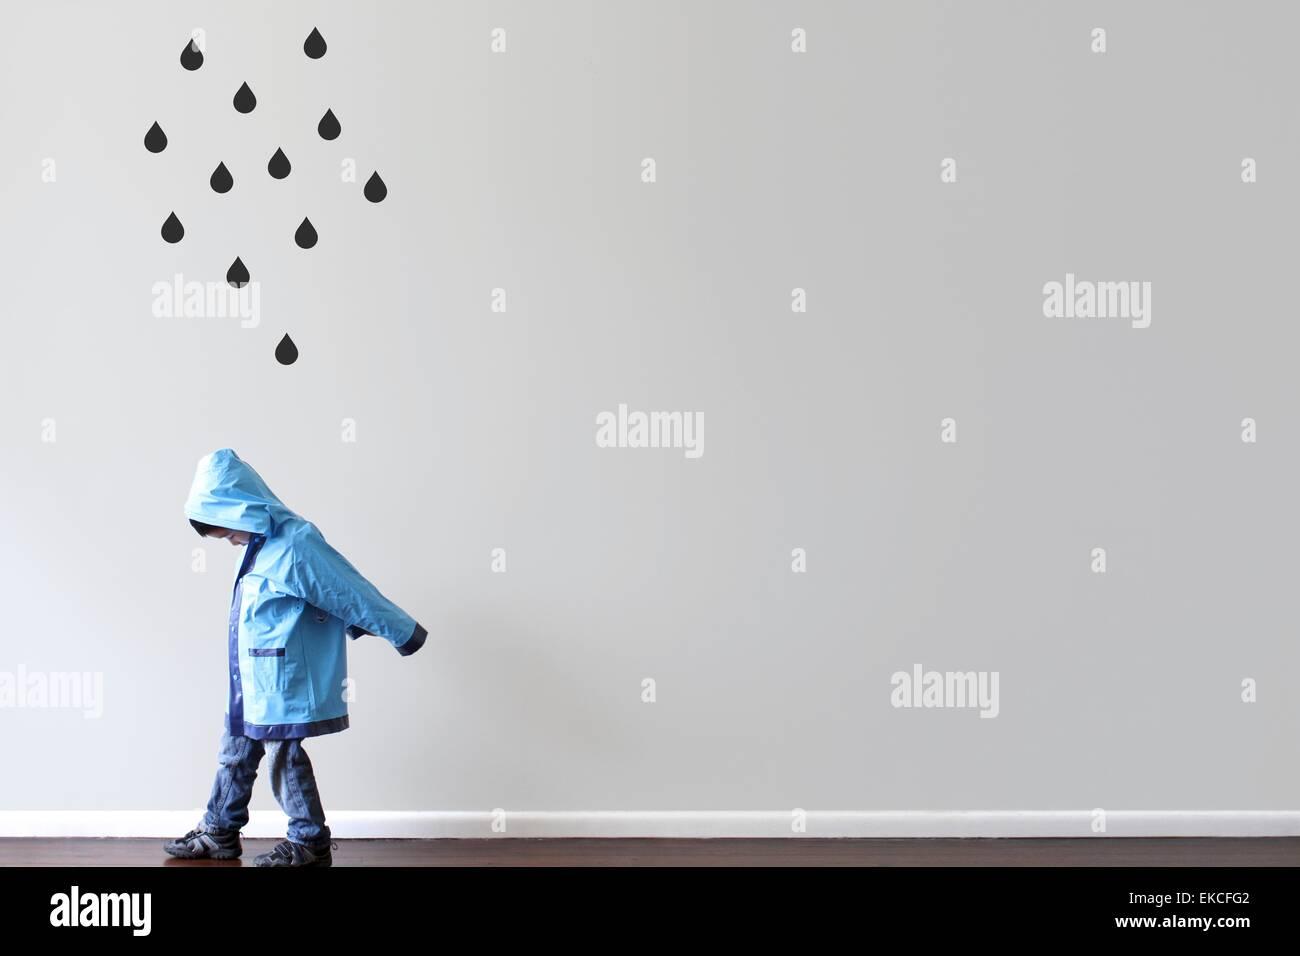 Junge im Regenmantel, vorbei an einer Wand mit schwarzer Regentropfen an die Wand gemalt Stockbild